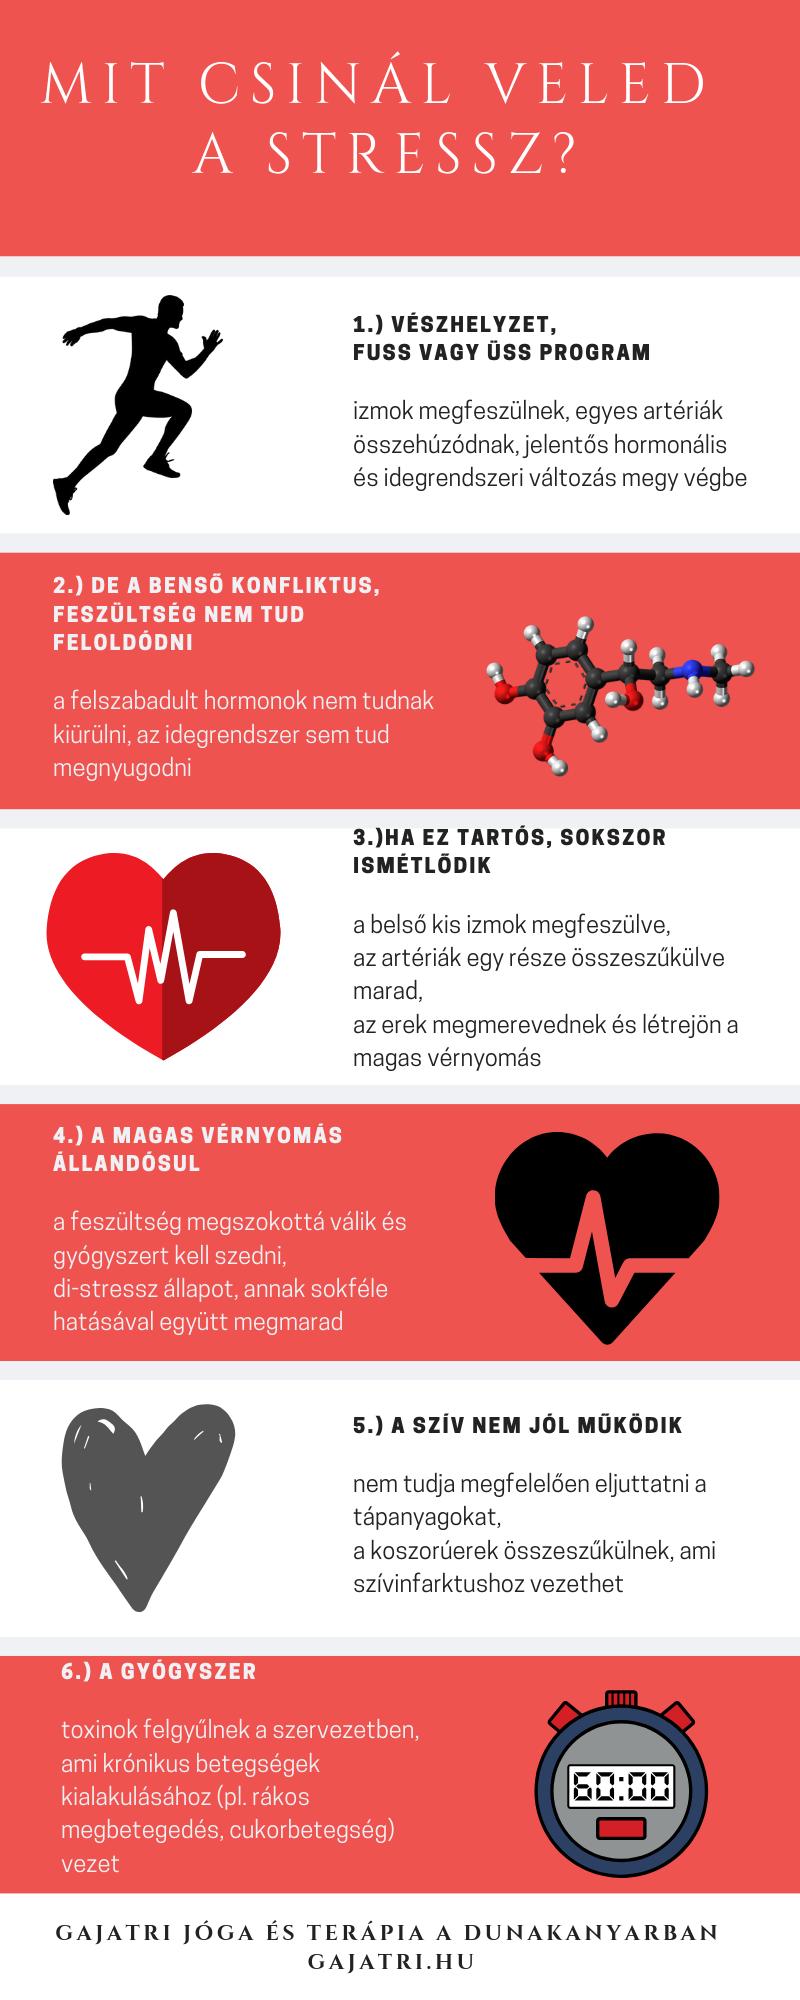 magas vérnyomás ember tünetei ncd hipertóniás típusú vagy magas vérnyomás esetén